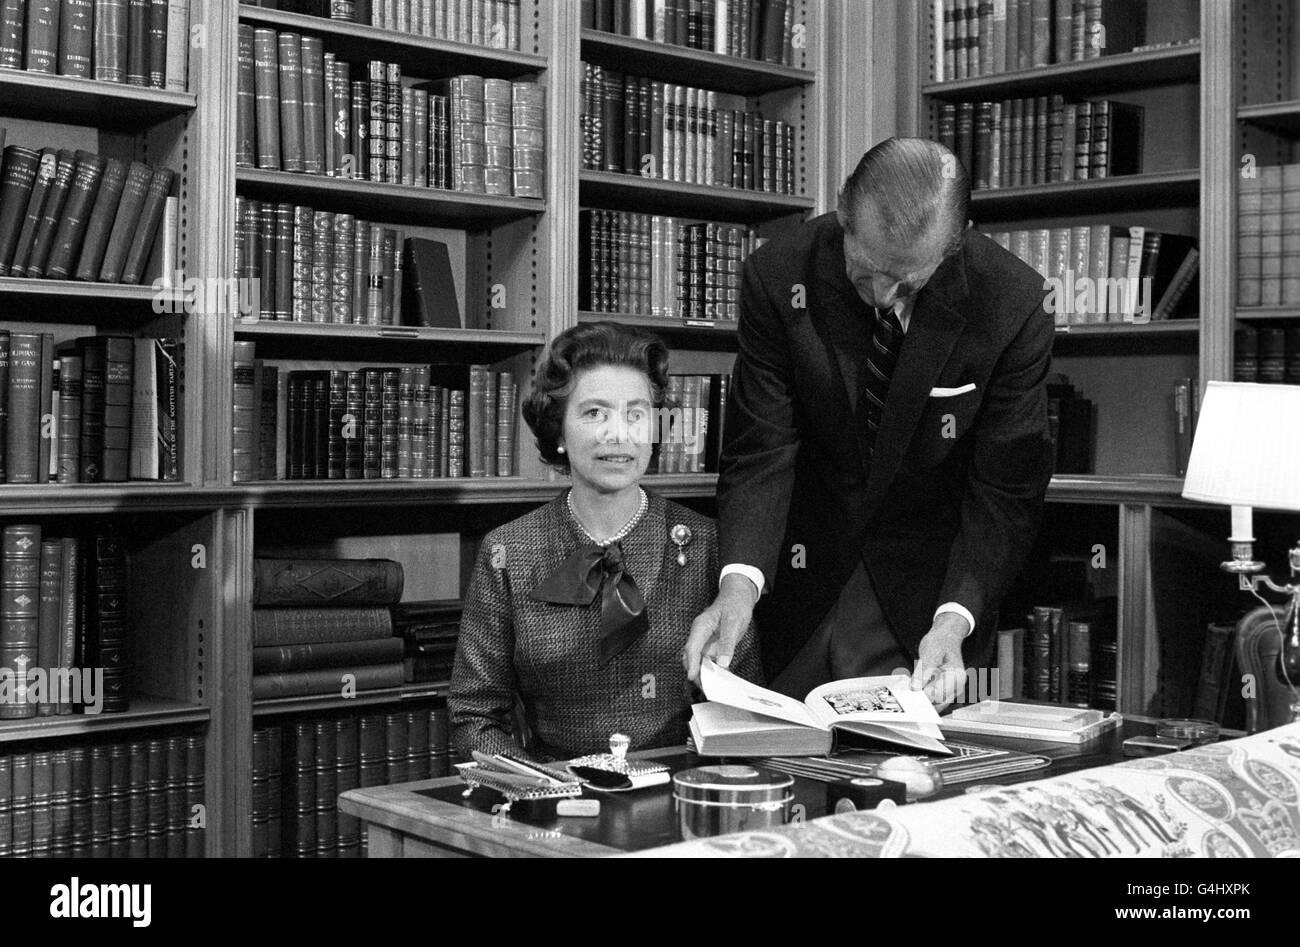 Royalty - Queen Elizabeth II Silver Jubilee Stock Photo